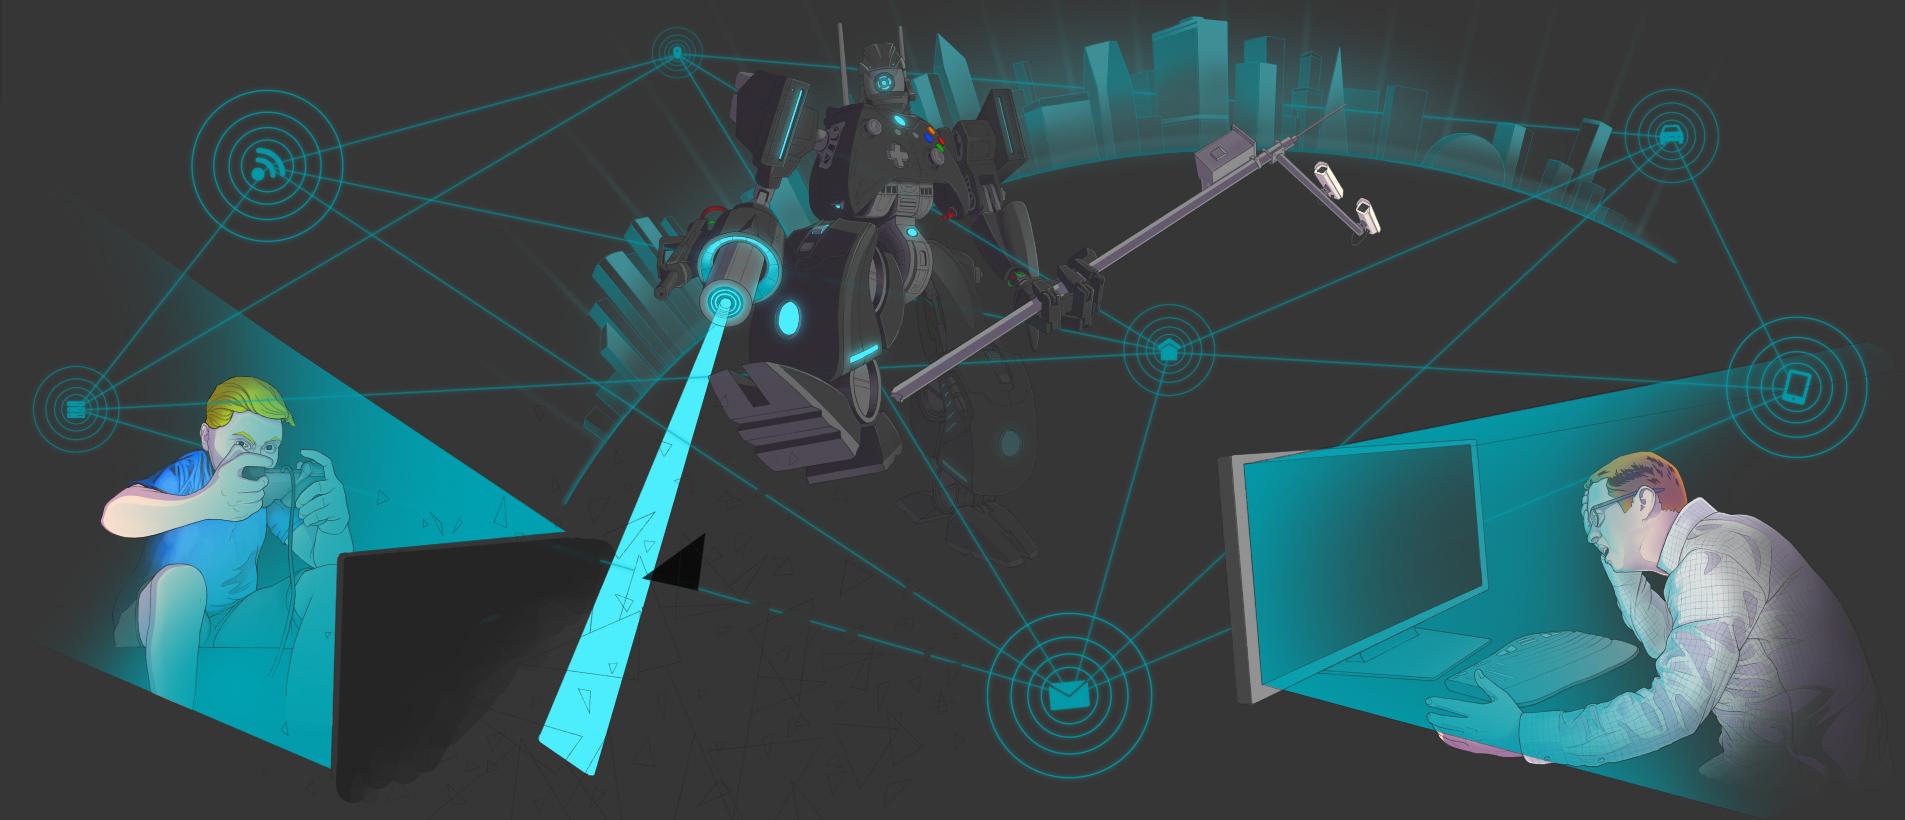 teen_attacker_concept_layout.jpg